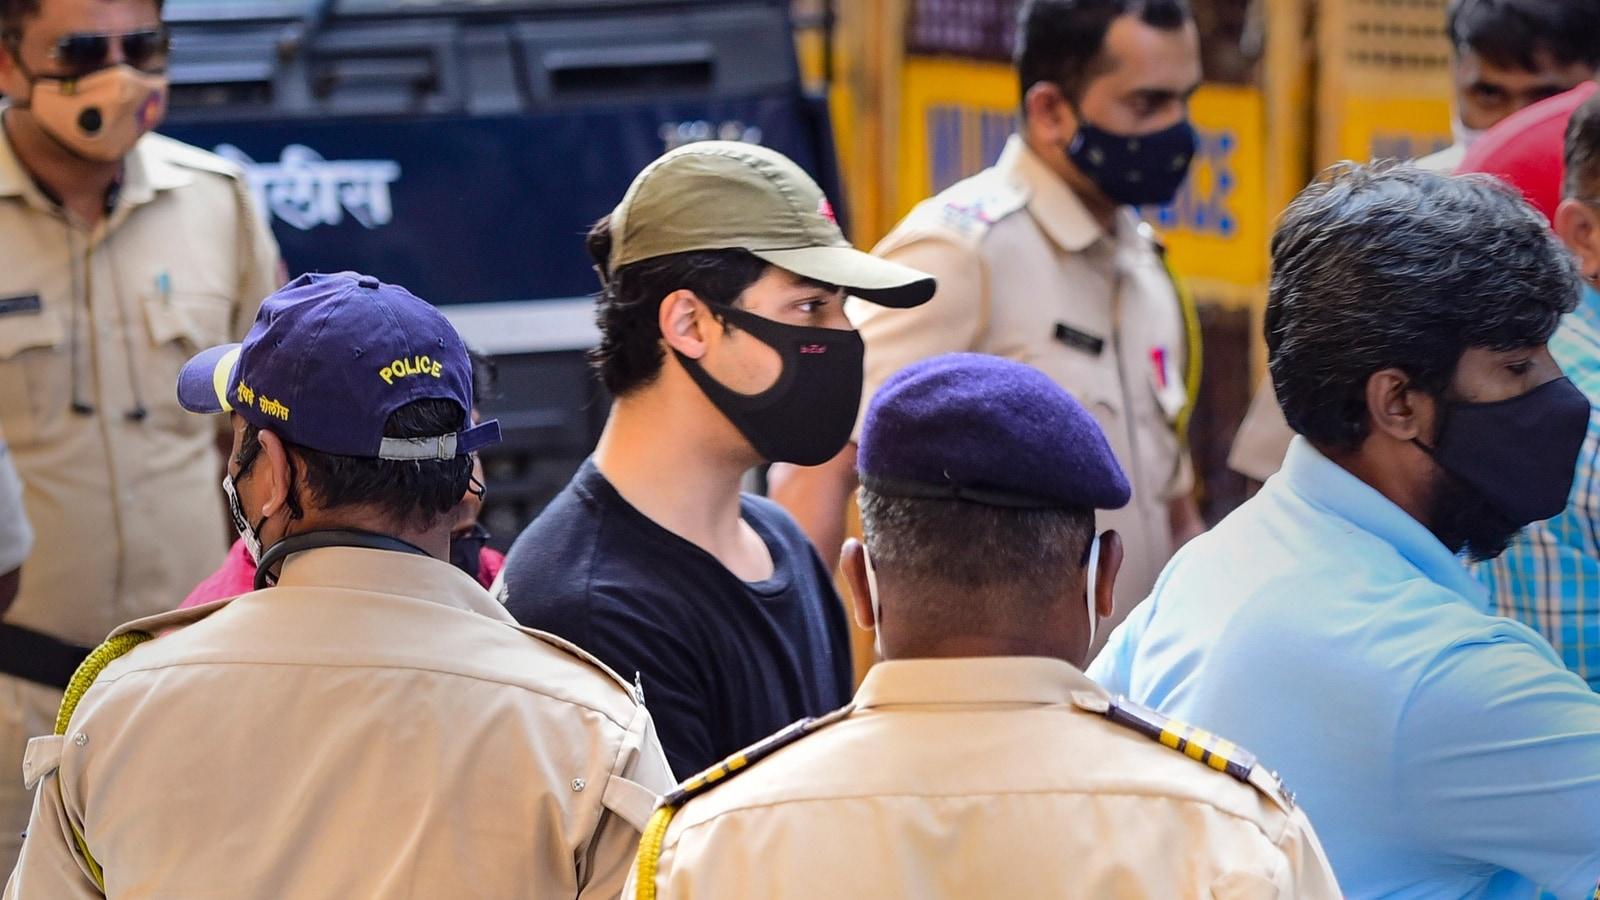 After a money order, Aryan Khan gets a call from Shah Rukh Khan, Gauri Khan